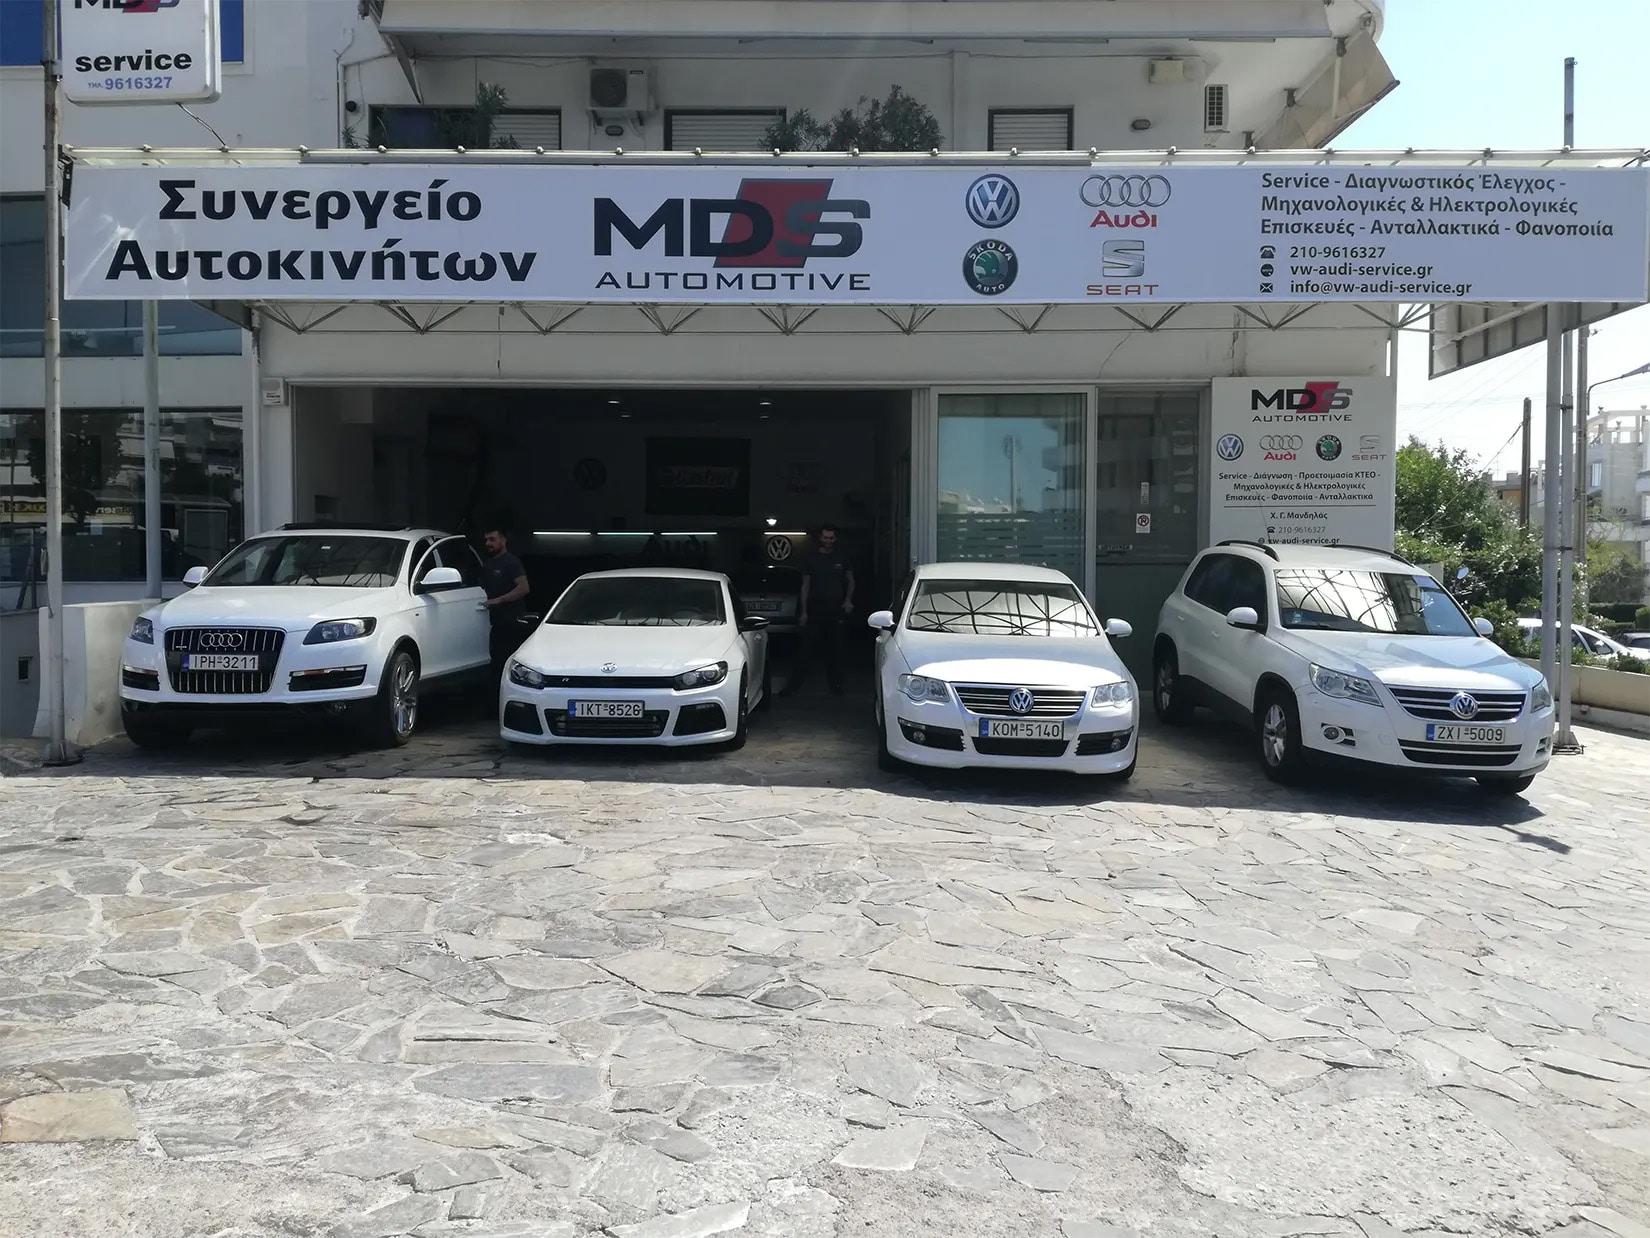 Συνεργείο Αυτοκινήτων MDS Automotive Γλυφάδα